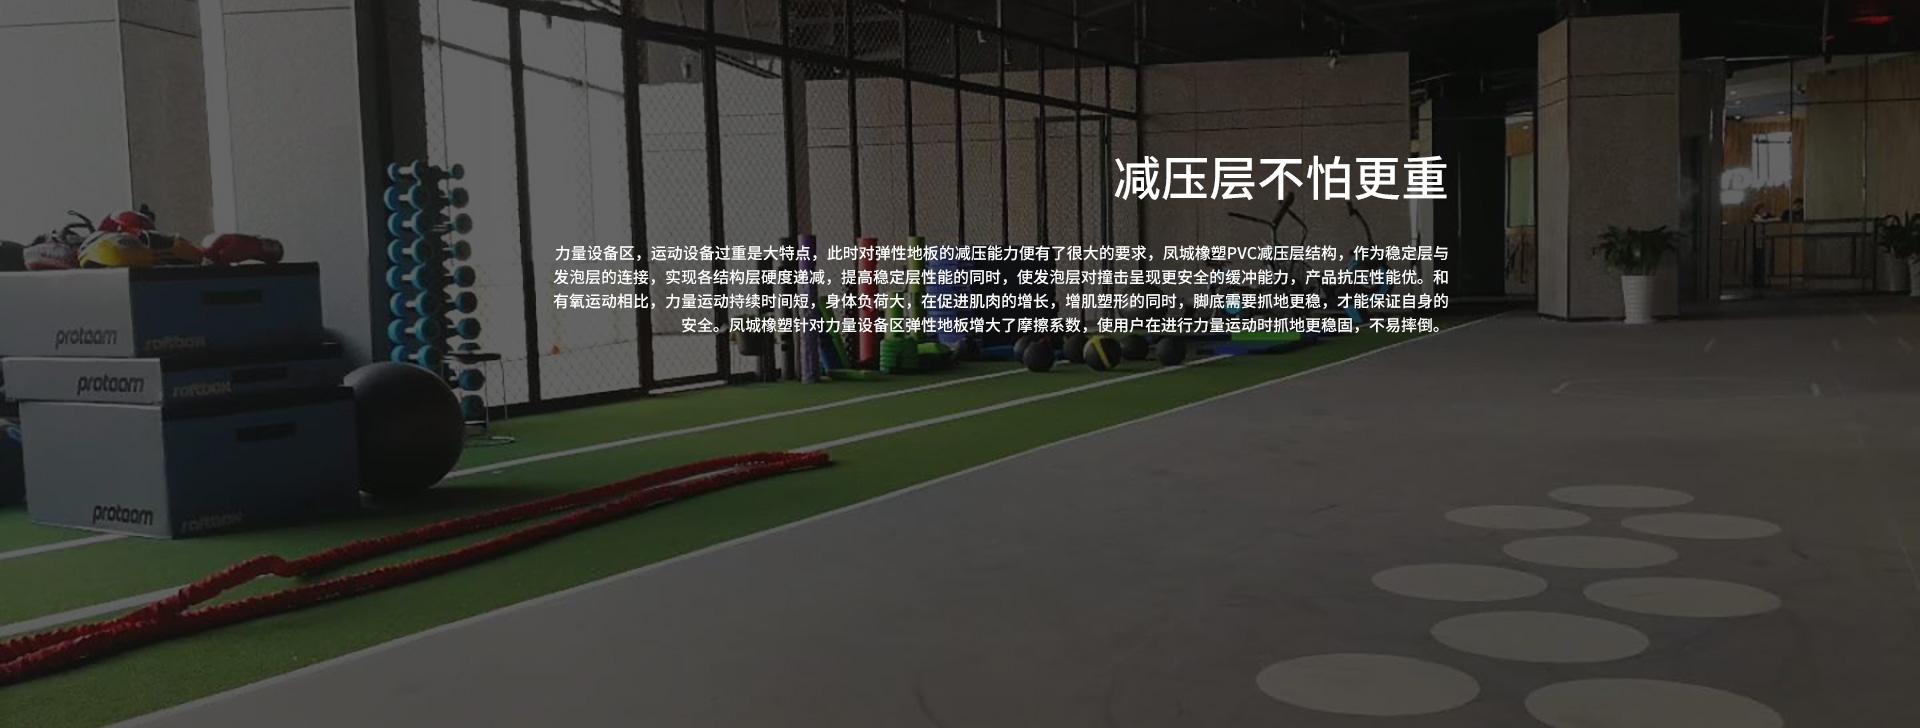 健身房PVC地板减压层不怕更重